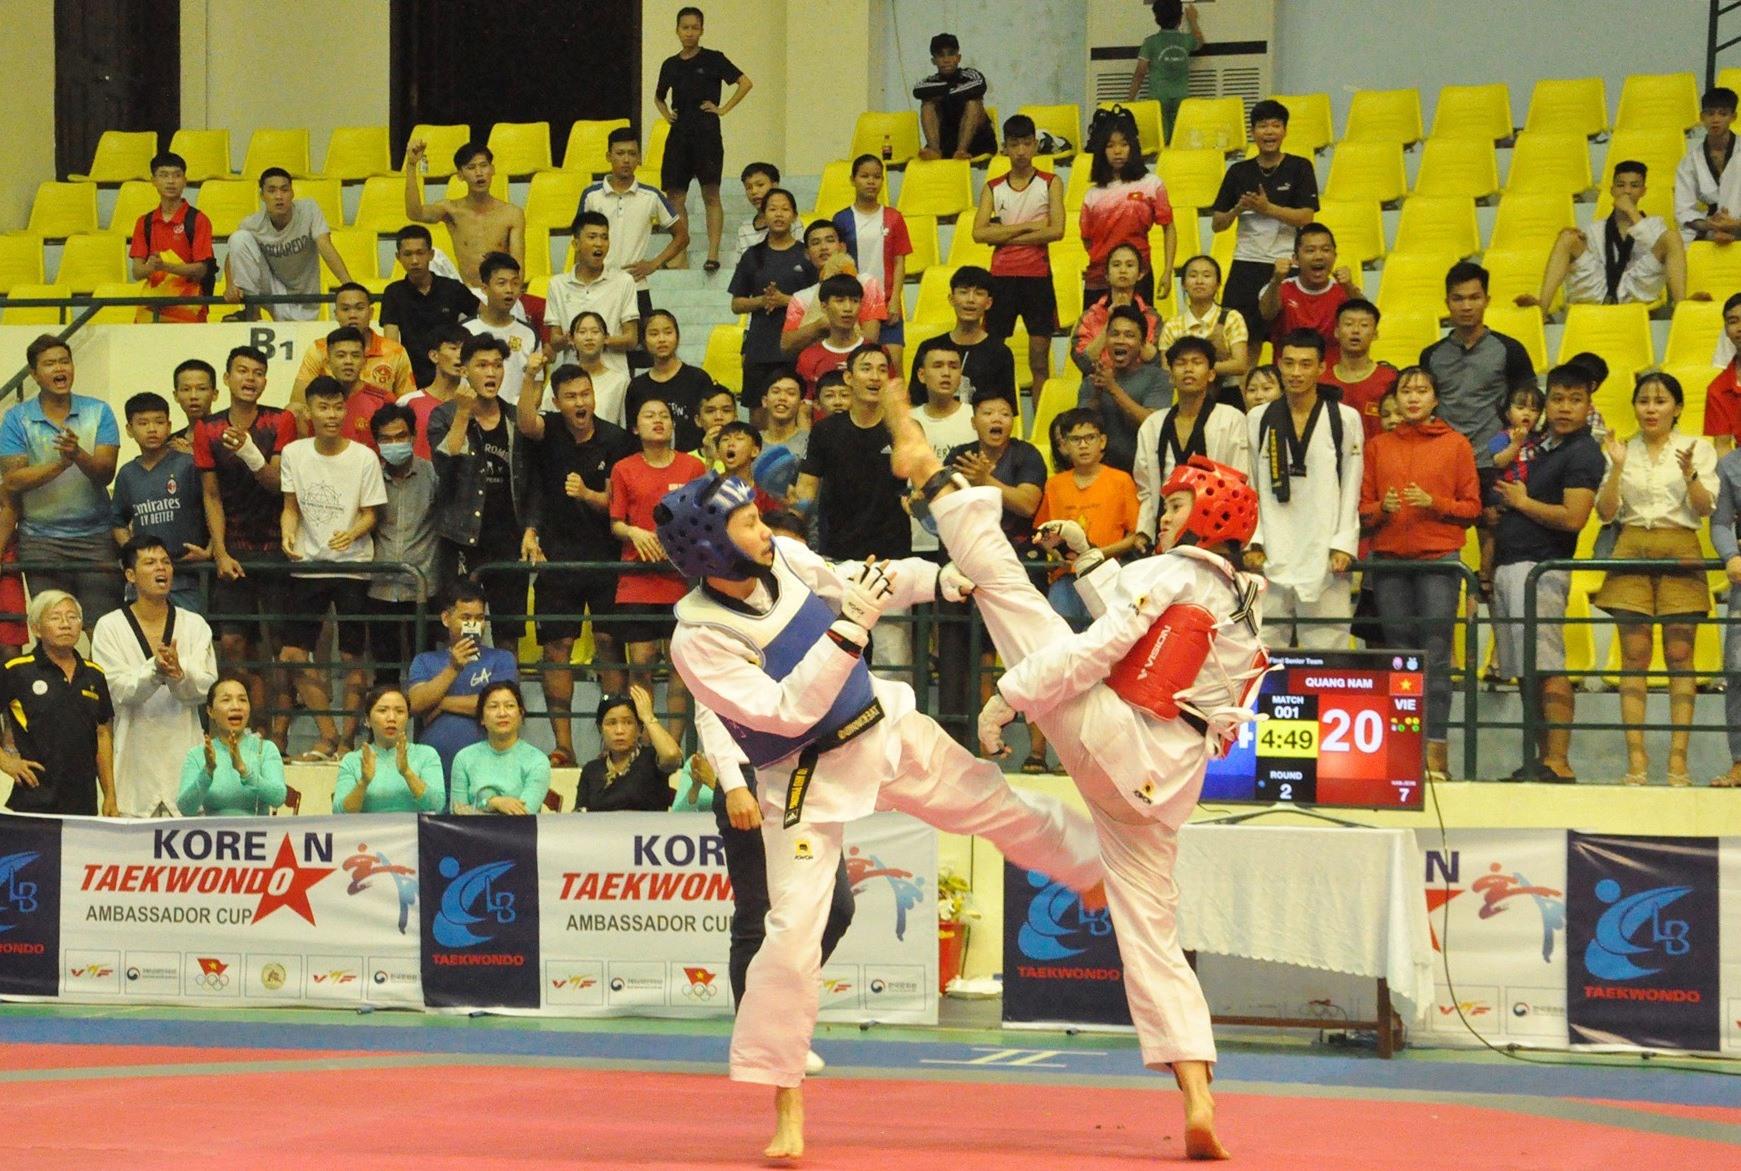 Trận chung kết đồng đội nữ trên 17 tuổi giữa Quảng Nam và Hà Nội 1, dù rất cố gắng song Trần Thị Mỹ Khanh (giáp đỏ) và đồng đội vẫn thất bại trước đối thủ quá mạnh. Ảnh: T.V